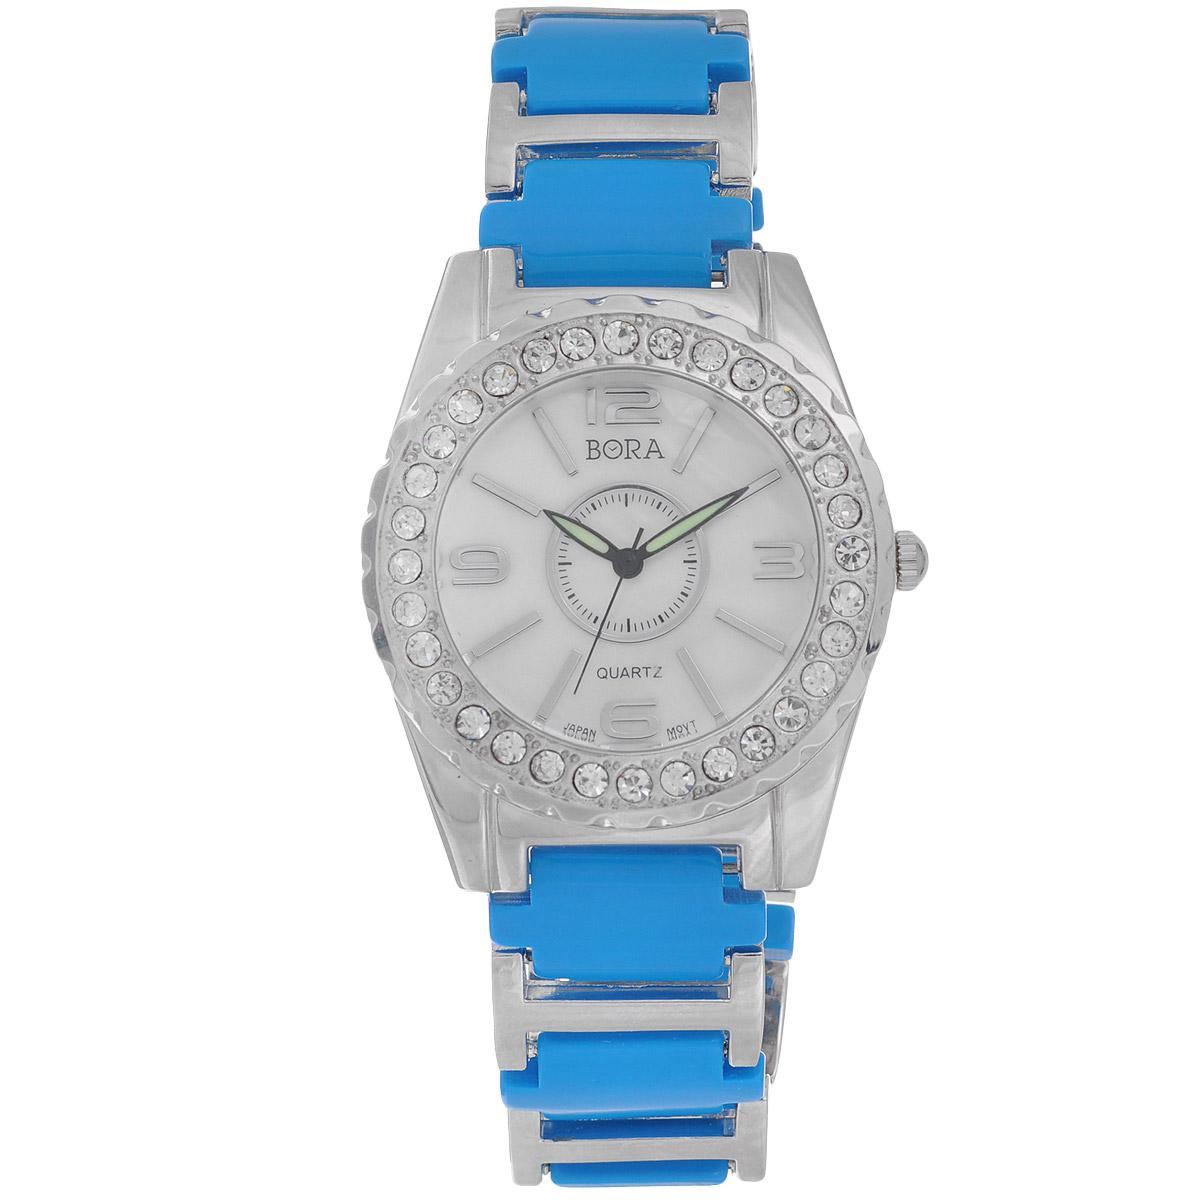 Часы наручные женские Bora, цвет: голубой, серебряный. FWBR052 / T-B-8527-WATCH-TURQUOISEFWBR052 / T-B-8527-WATCH-TURQUOISEЧасы торговой марки Bora отличает изысканный стиль и превосходное качество изготовления. Японский механизм Seiko отличает невероятная точность. С ними вы точно не пропустите ничего интересного. Корпус часов выполнен из легированного металлического сплава и украшен стразами. Ремешок изготовлен из металла и ювелирного пластика и застегивается на застежку-клипсу. Практичная и незаменимая вещь в сумасшедшем ритме современной жизни. Стильный и элегантный аксессуар идеально дополнит ваш повседневный образ. Характеристики: Размеры корпуса: 4 х 4,5 х 1 см. Размеры ремешка без учета корпуса: 16 х 2 см.